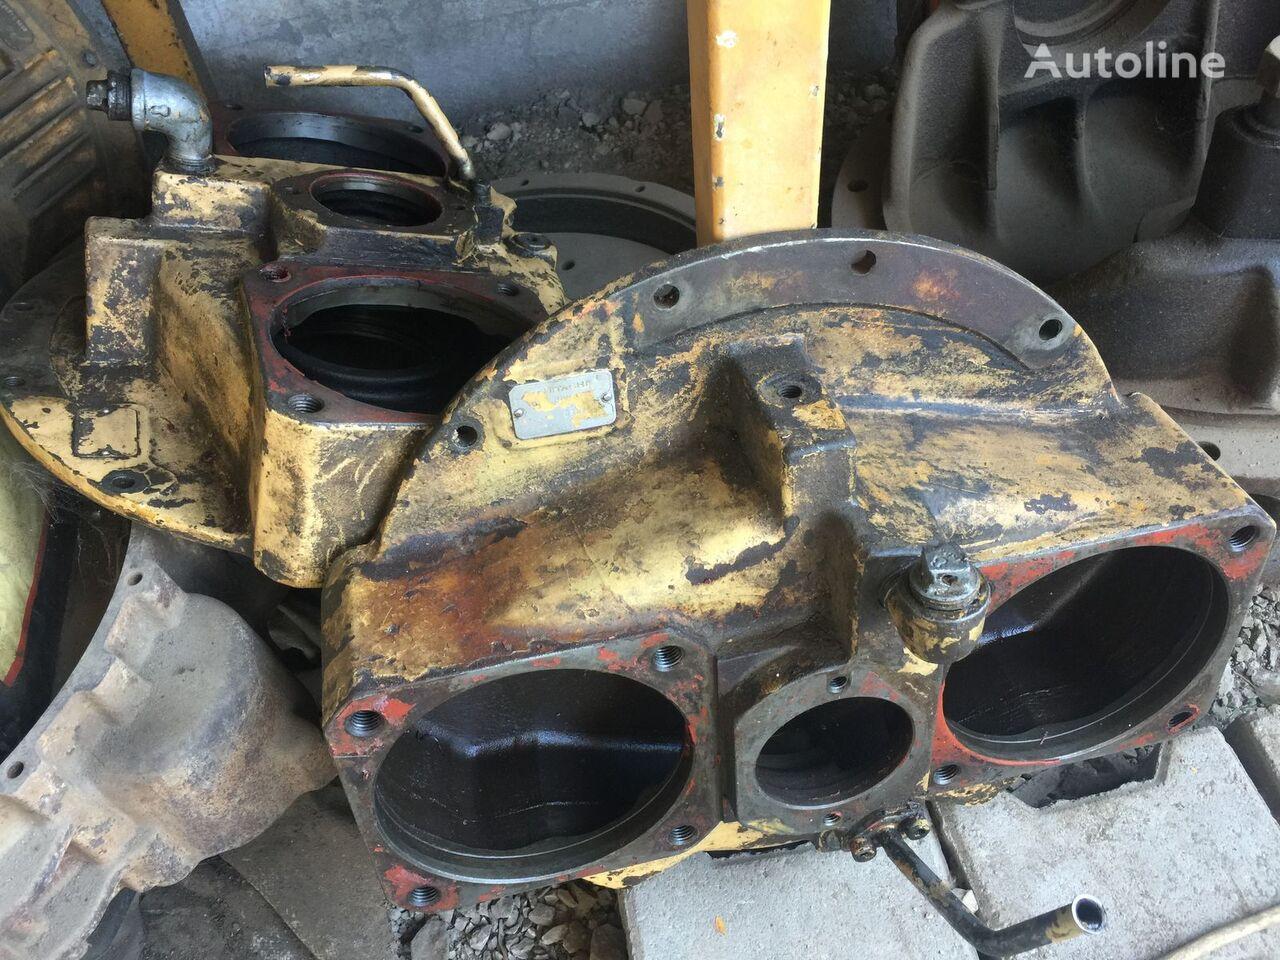 USED FIAT HITACHI FH200 FH200.3 FH220 FH220.3 EX200 EX220 hydraulic pump for FIAT-HITACHI FH 200 / FH 200.3 / FH 220 / FH 220.3 / EX 200 / EX 220 excavator